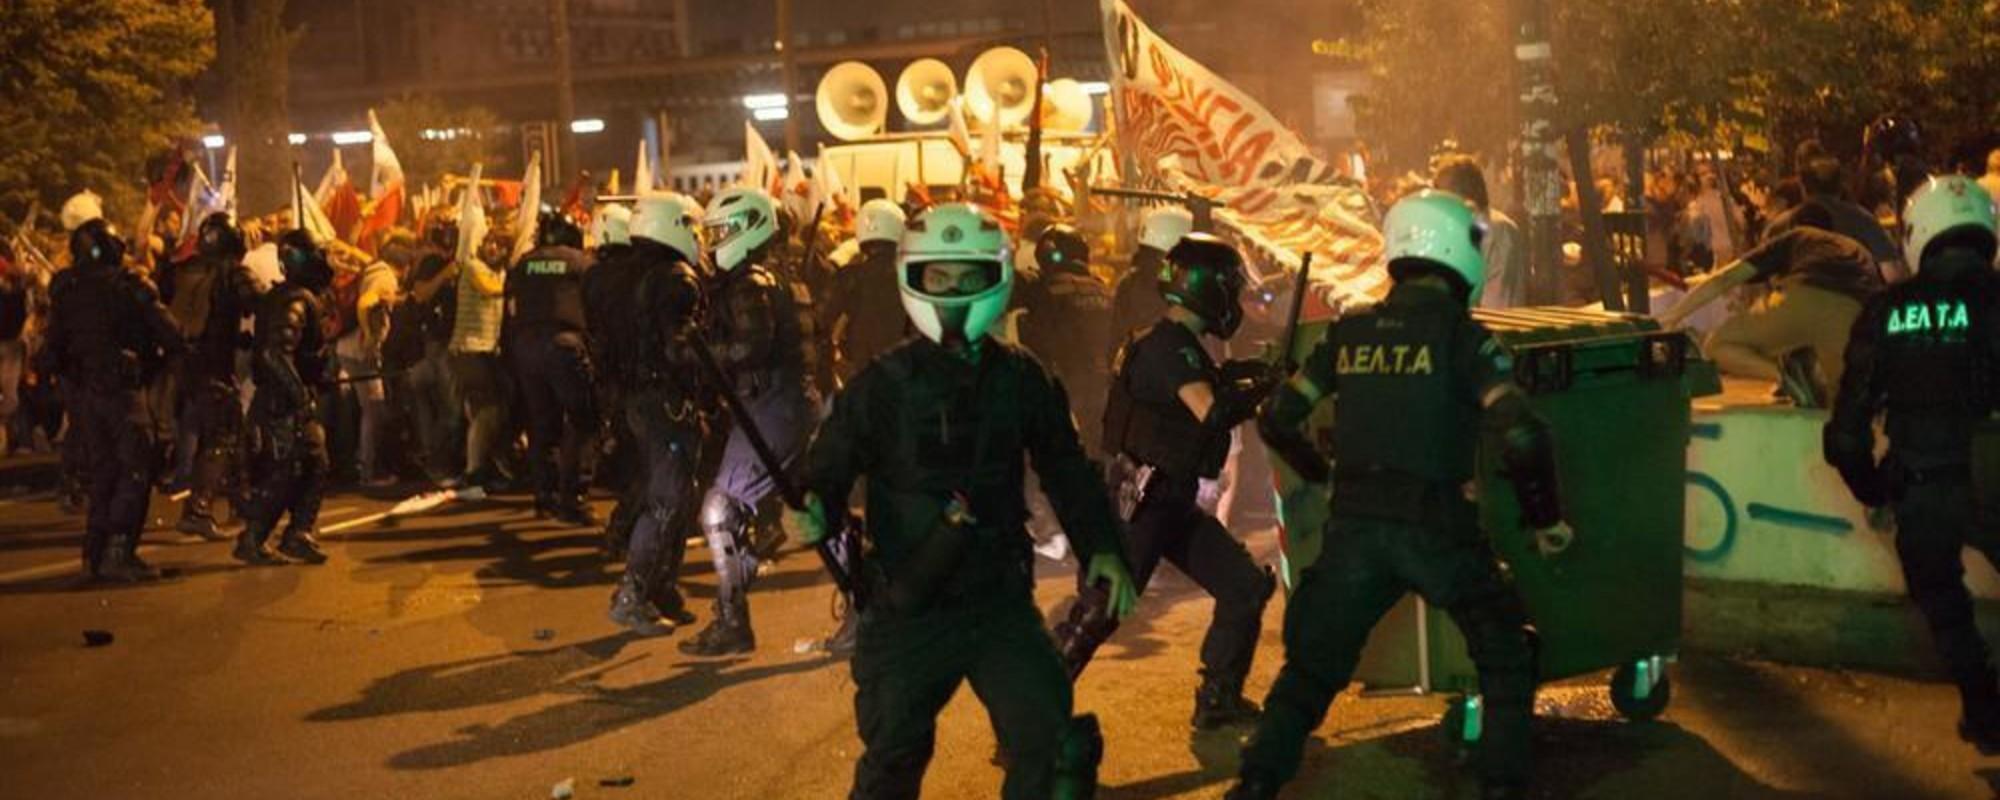 Fotos de las protestas en Atenas previas a la votación sobre el rescate de Grecia